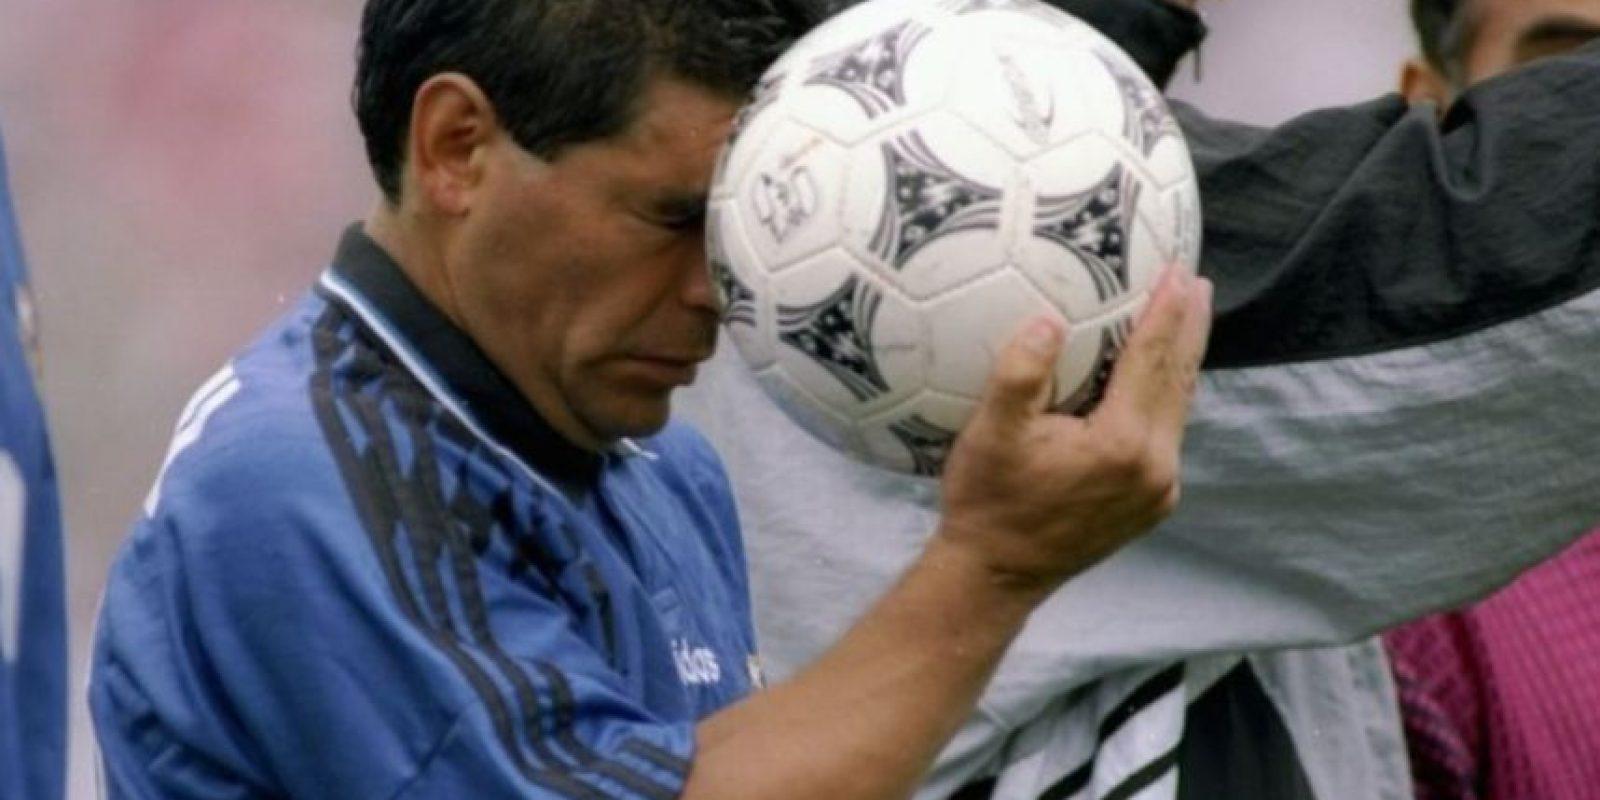 """Apenas en abril pasado, Maradona fue a Croacia después del """"Partido por la Paz"""" con el Papa Francisco. En aquella nación, """"el Pelusa"""" estuvo hasta altas horas de la noche con mujeres jóvenes y se peleó al salir, según el diario local Dubrovacki vjesnik. Foto:Getty Images"""